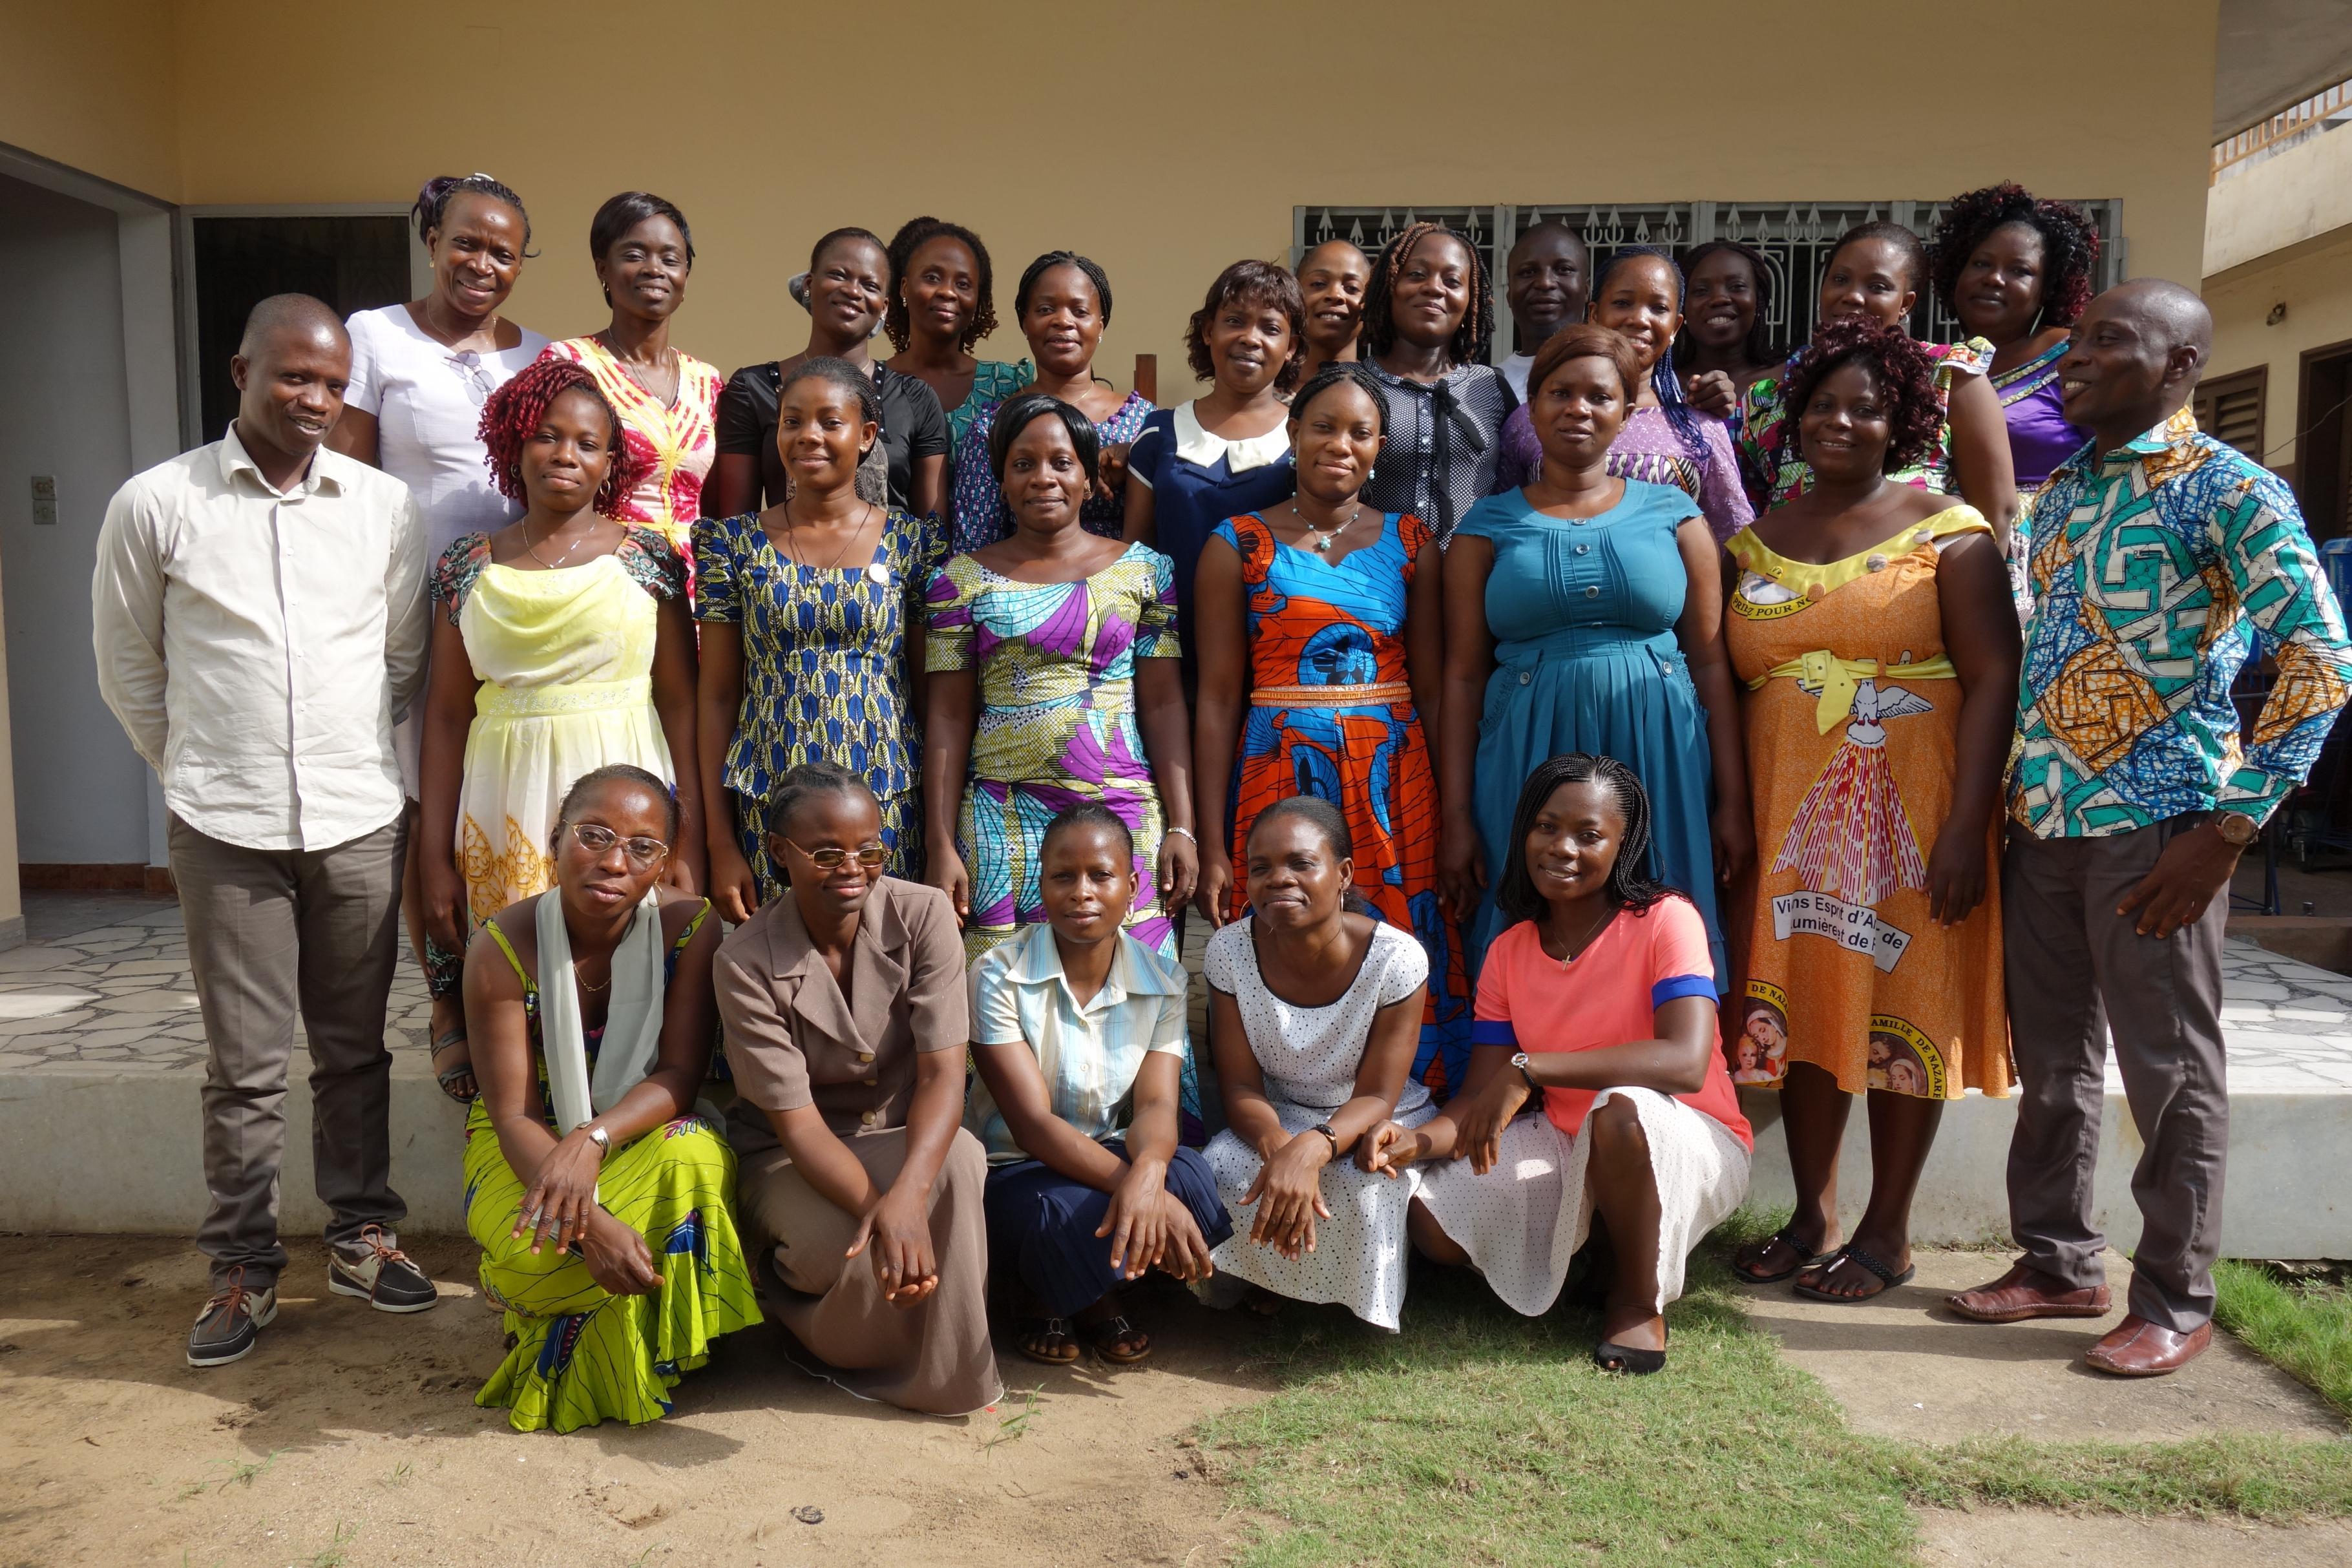 Gruppenbild der Mitarbeiter/innen von Oxfams beninischer Partnerorganisation ASSOVIE.